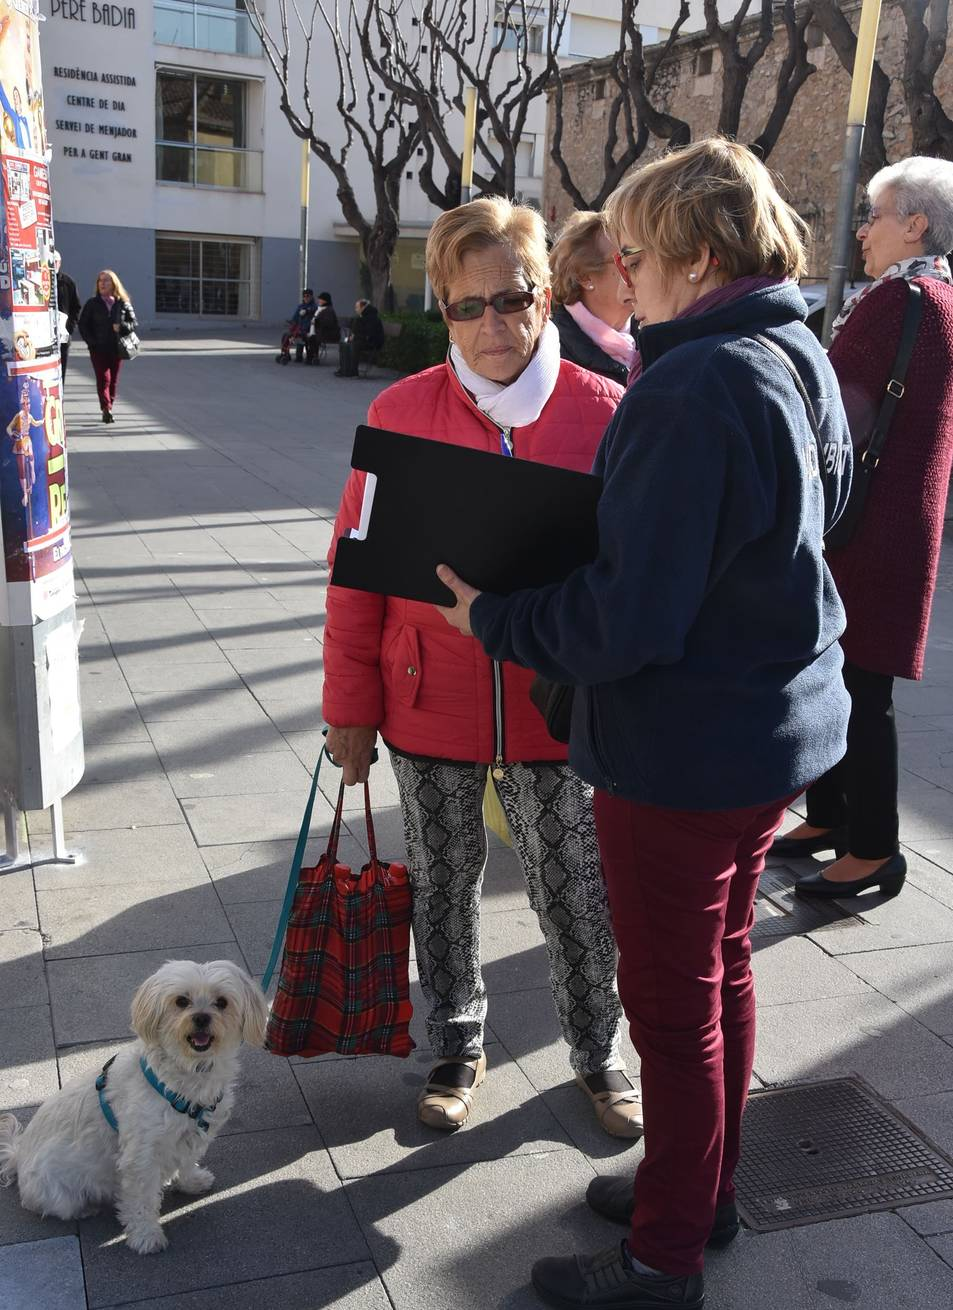 Una agent cívica ofereix informació a una dona que passeja amb el seu gos.